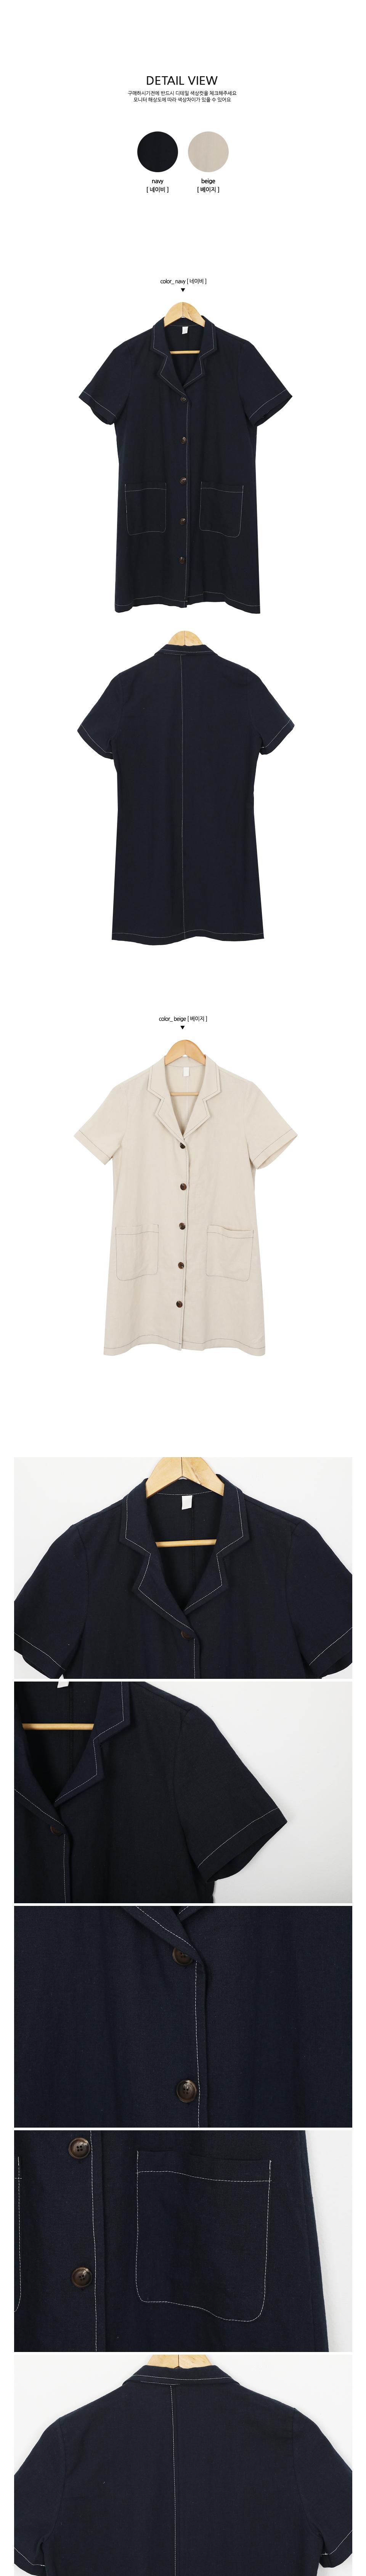 Linen color dress